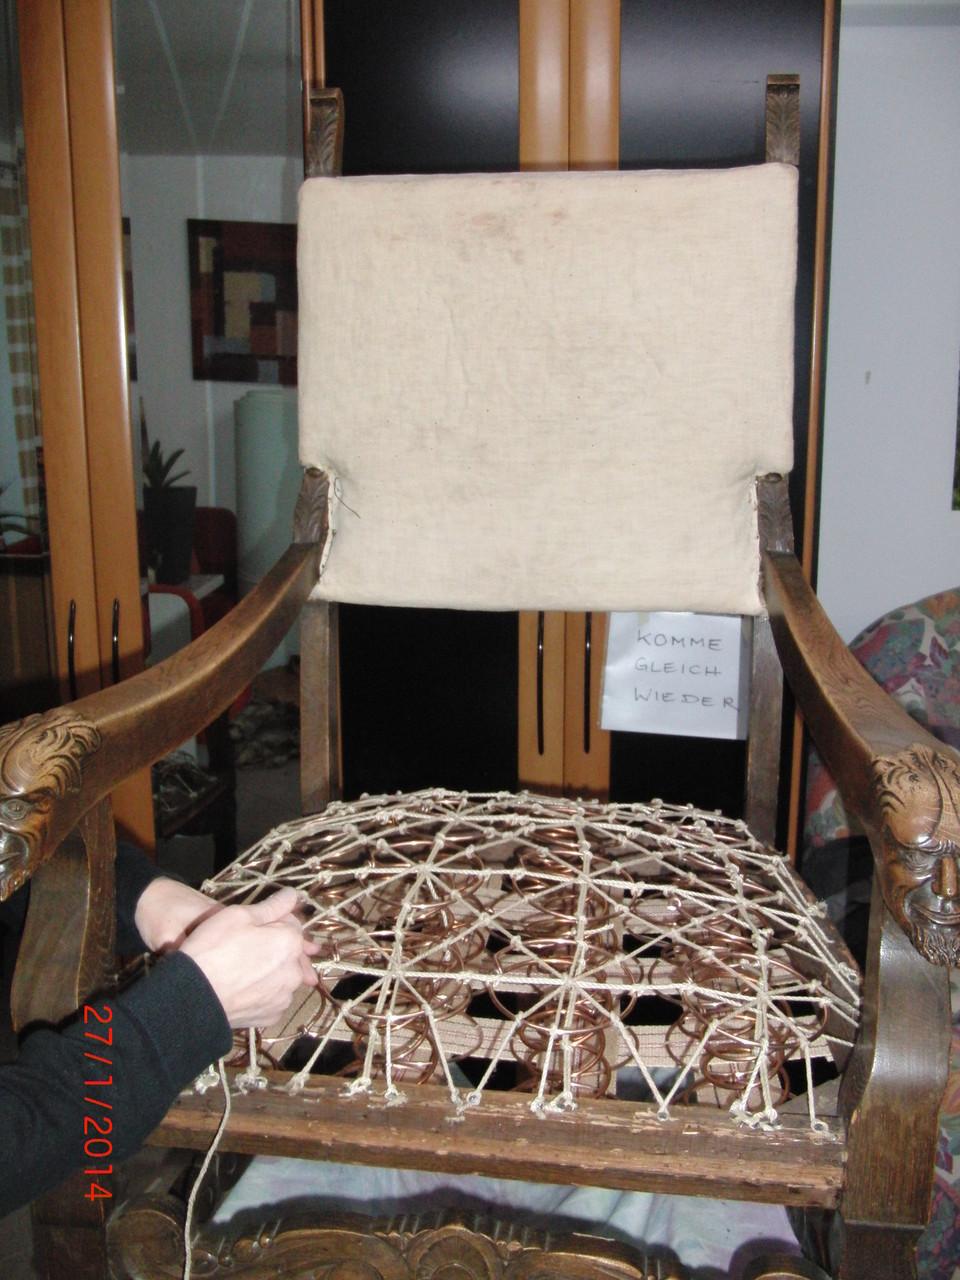 und ausgerichtet, der Sitz geprüft